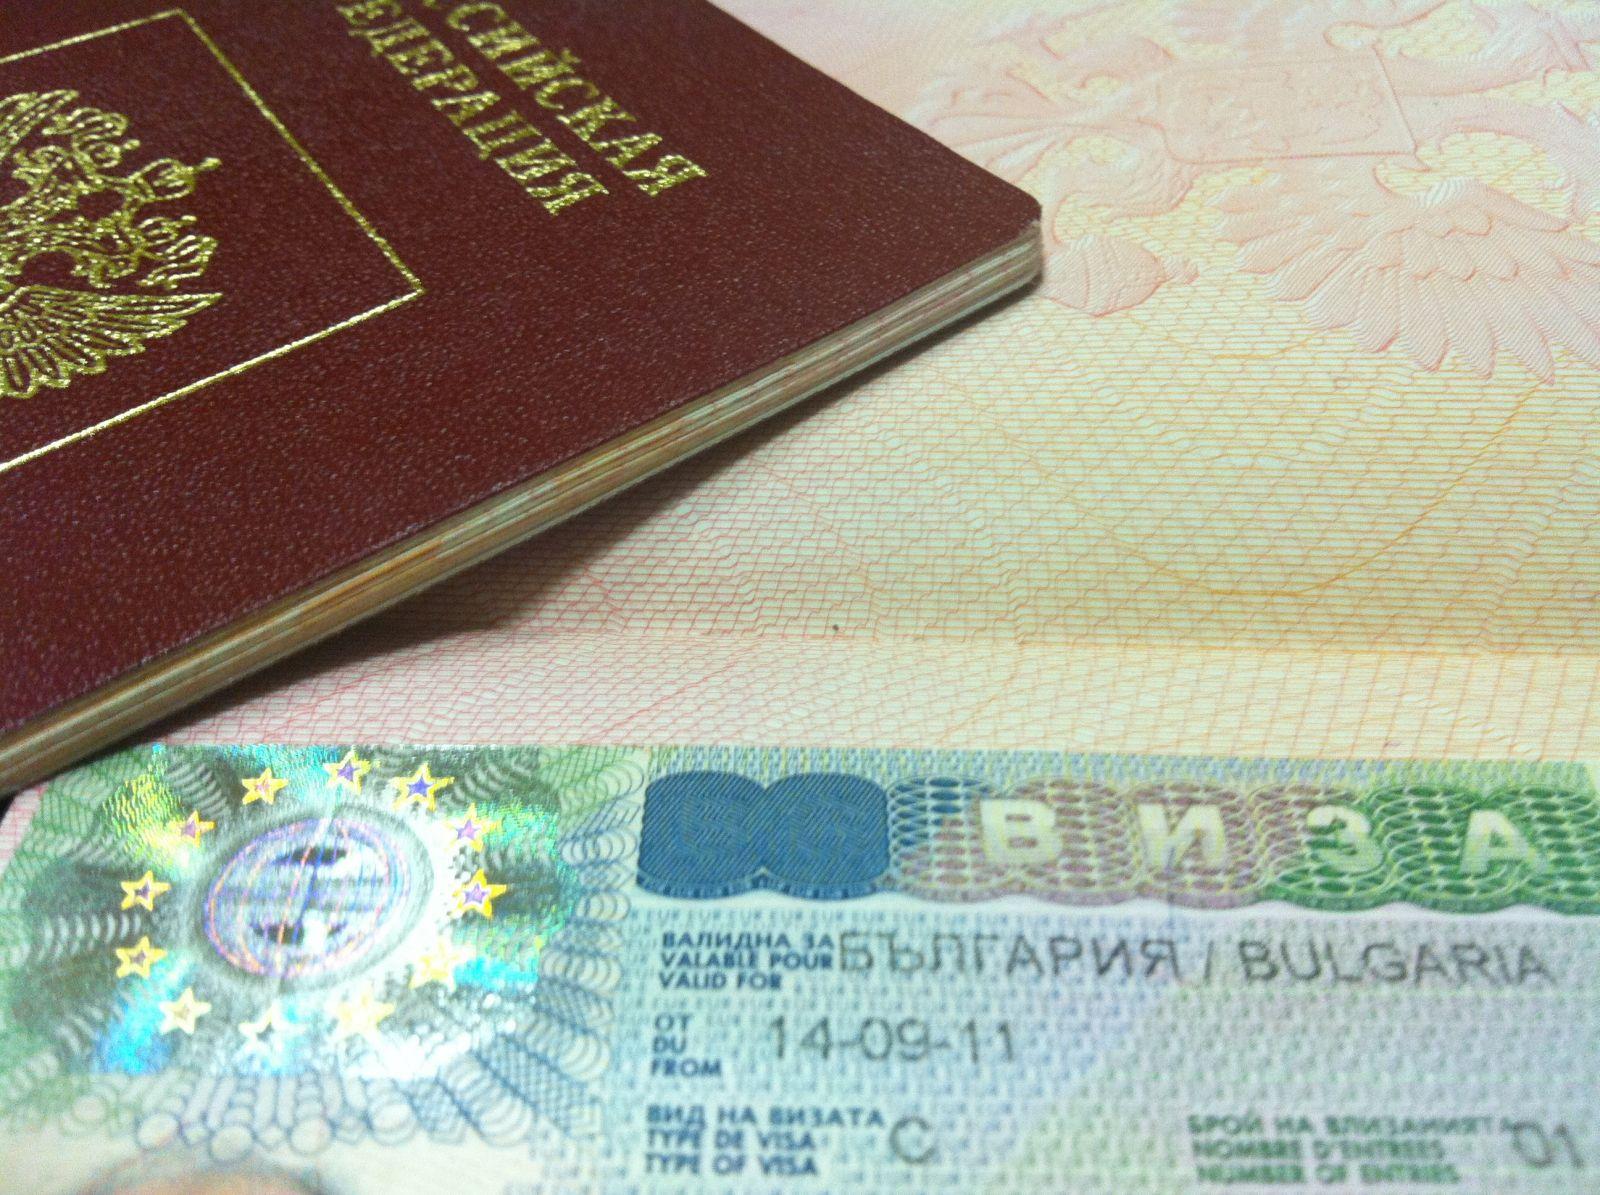 фото визы для поездки за границу плановом